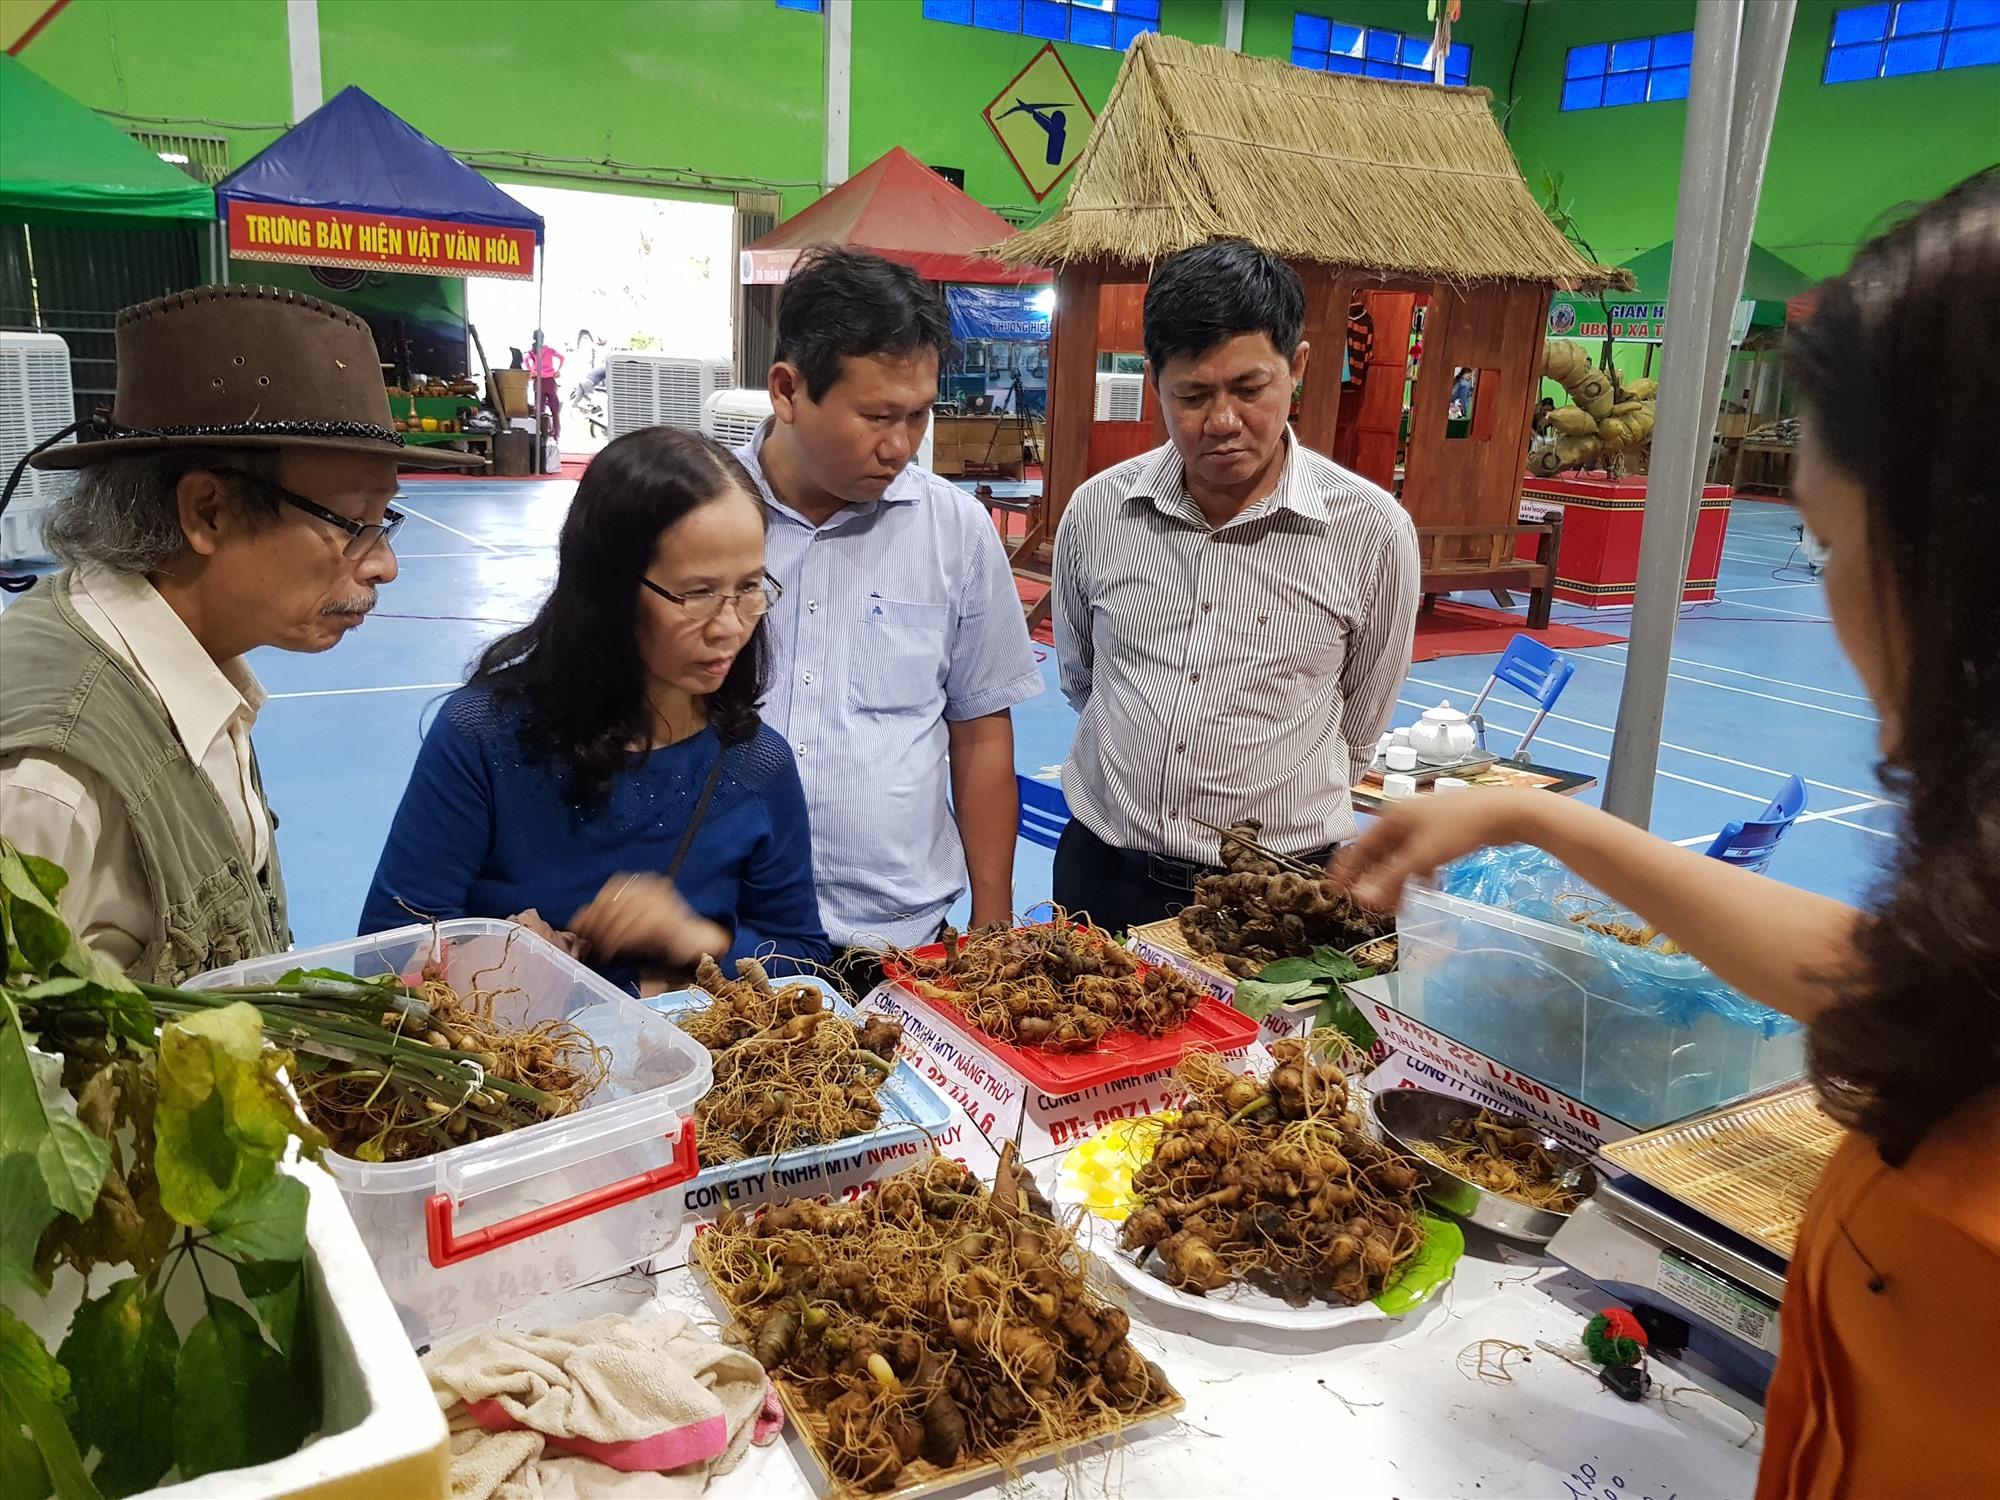 Thương hiệu sâm Ngọc Linh đang mở ra những cơ hội mới đánh thức tiềm năng du lịch của Nam Trà My. Ảnh: N.C